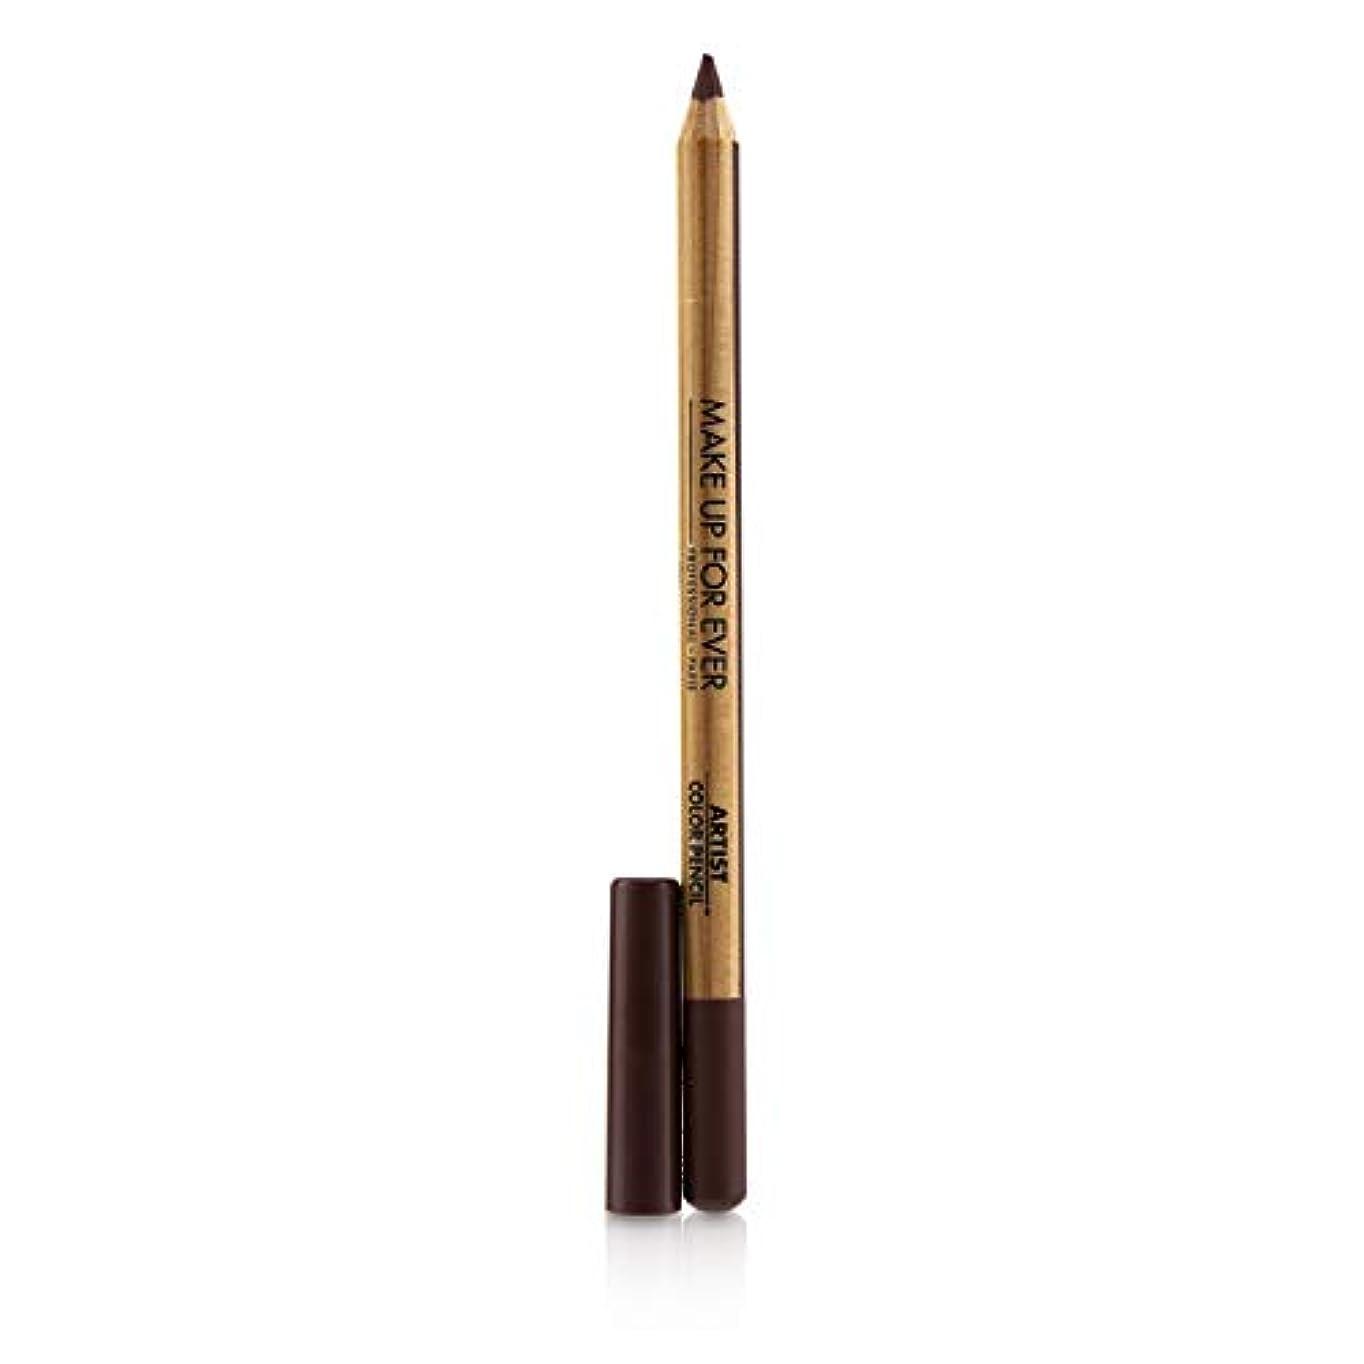 ガジュマルシール味方メイクアップフォーエバー Artist Color Pencil - # 708 Universal Earth 1.41g/0.04oz並行輸入品